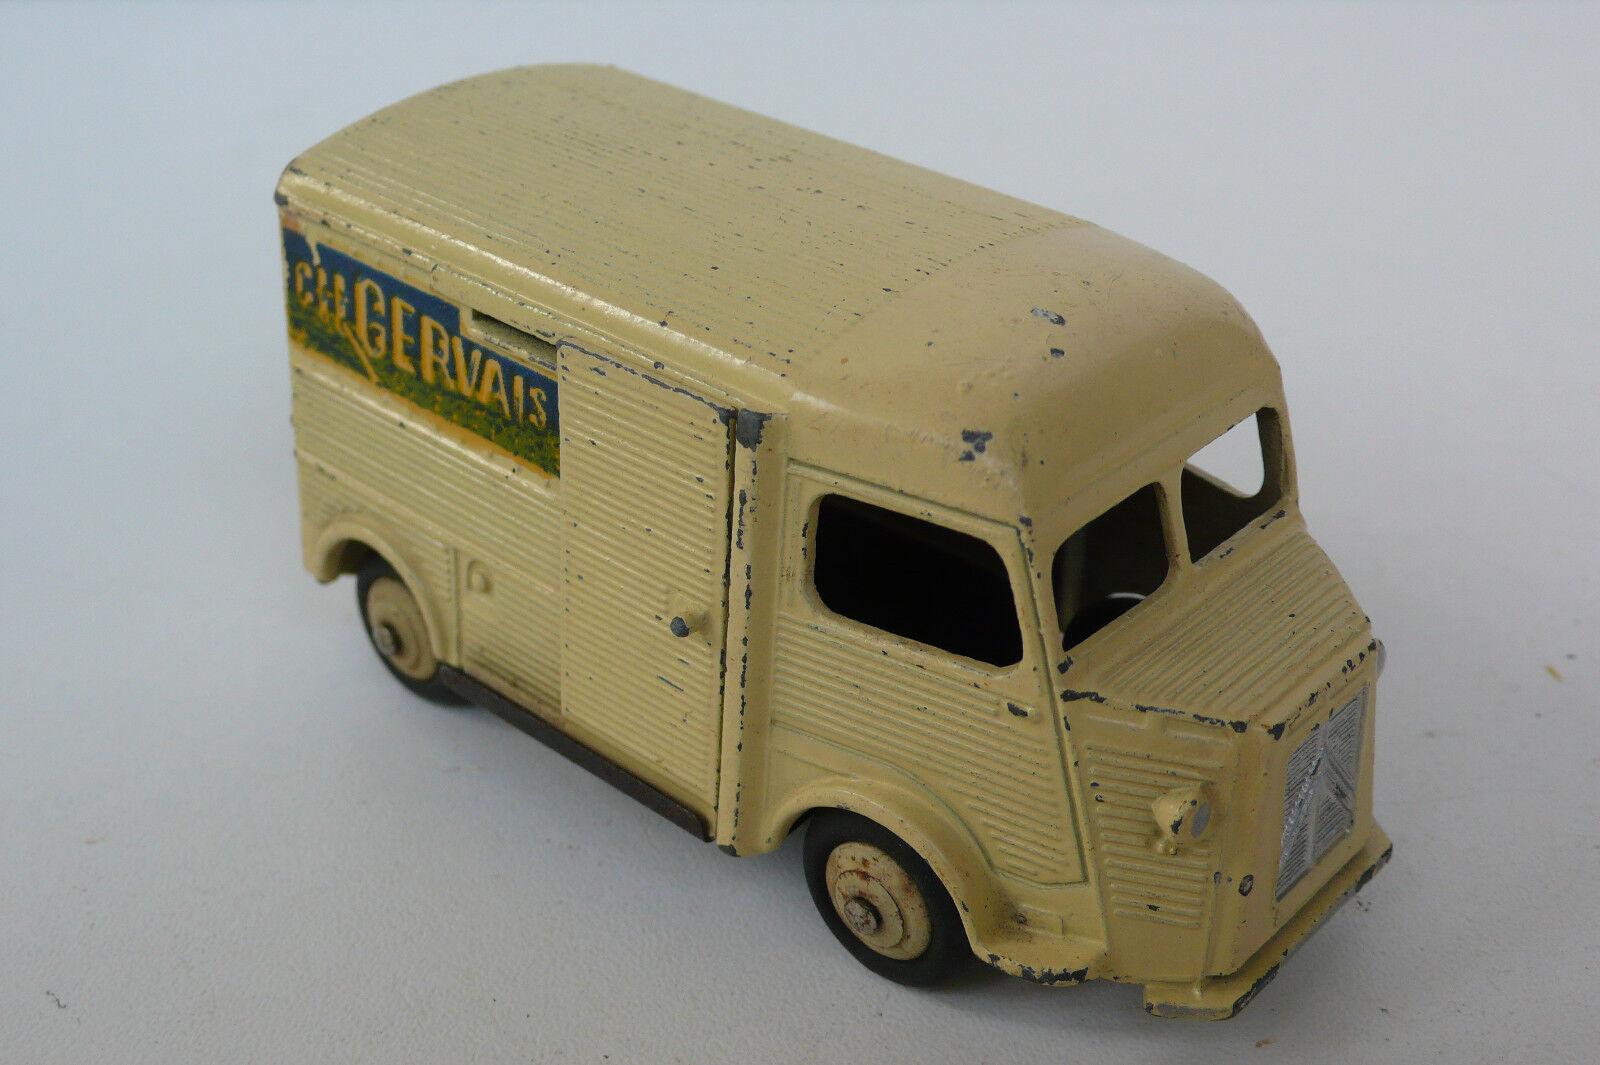 DINKY TOYS FRANCE  CITROEN 1200Kg HY     GERVAIS   1959   BON  ÉTAT  prix bas tous les jours